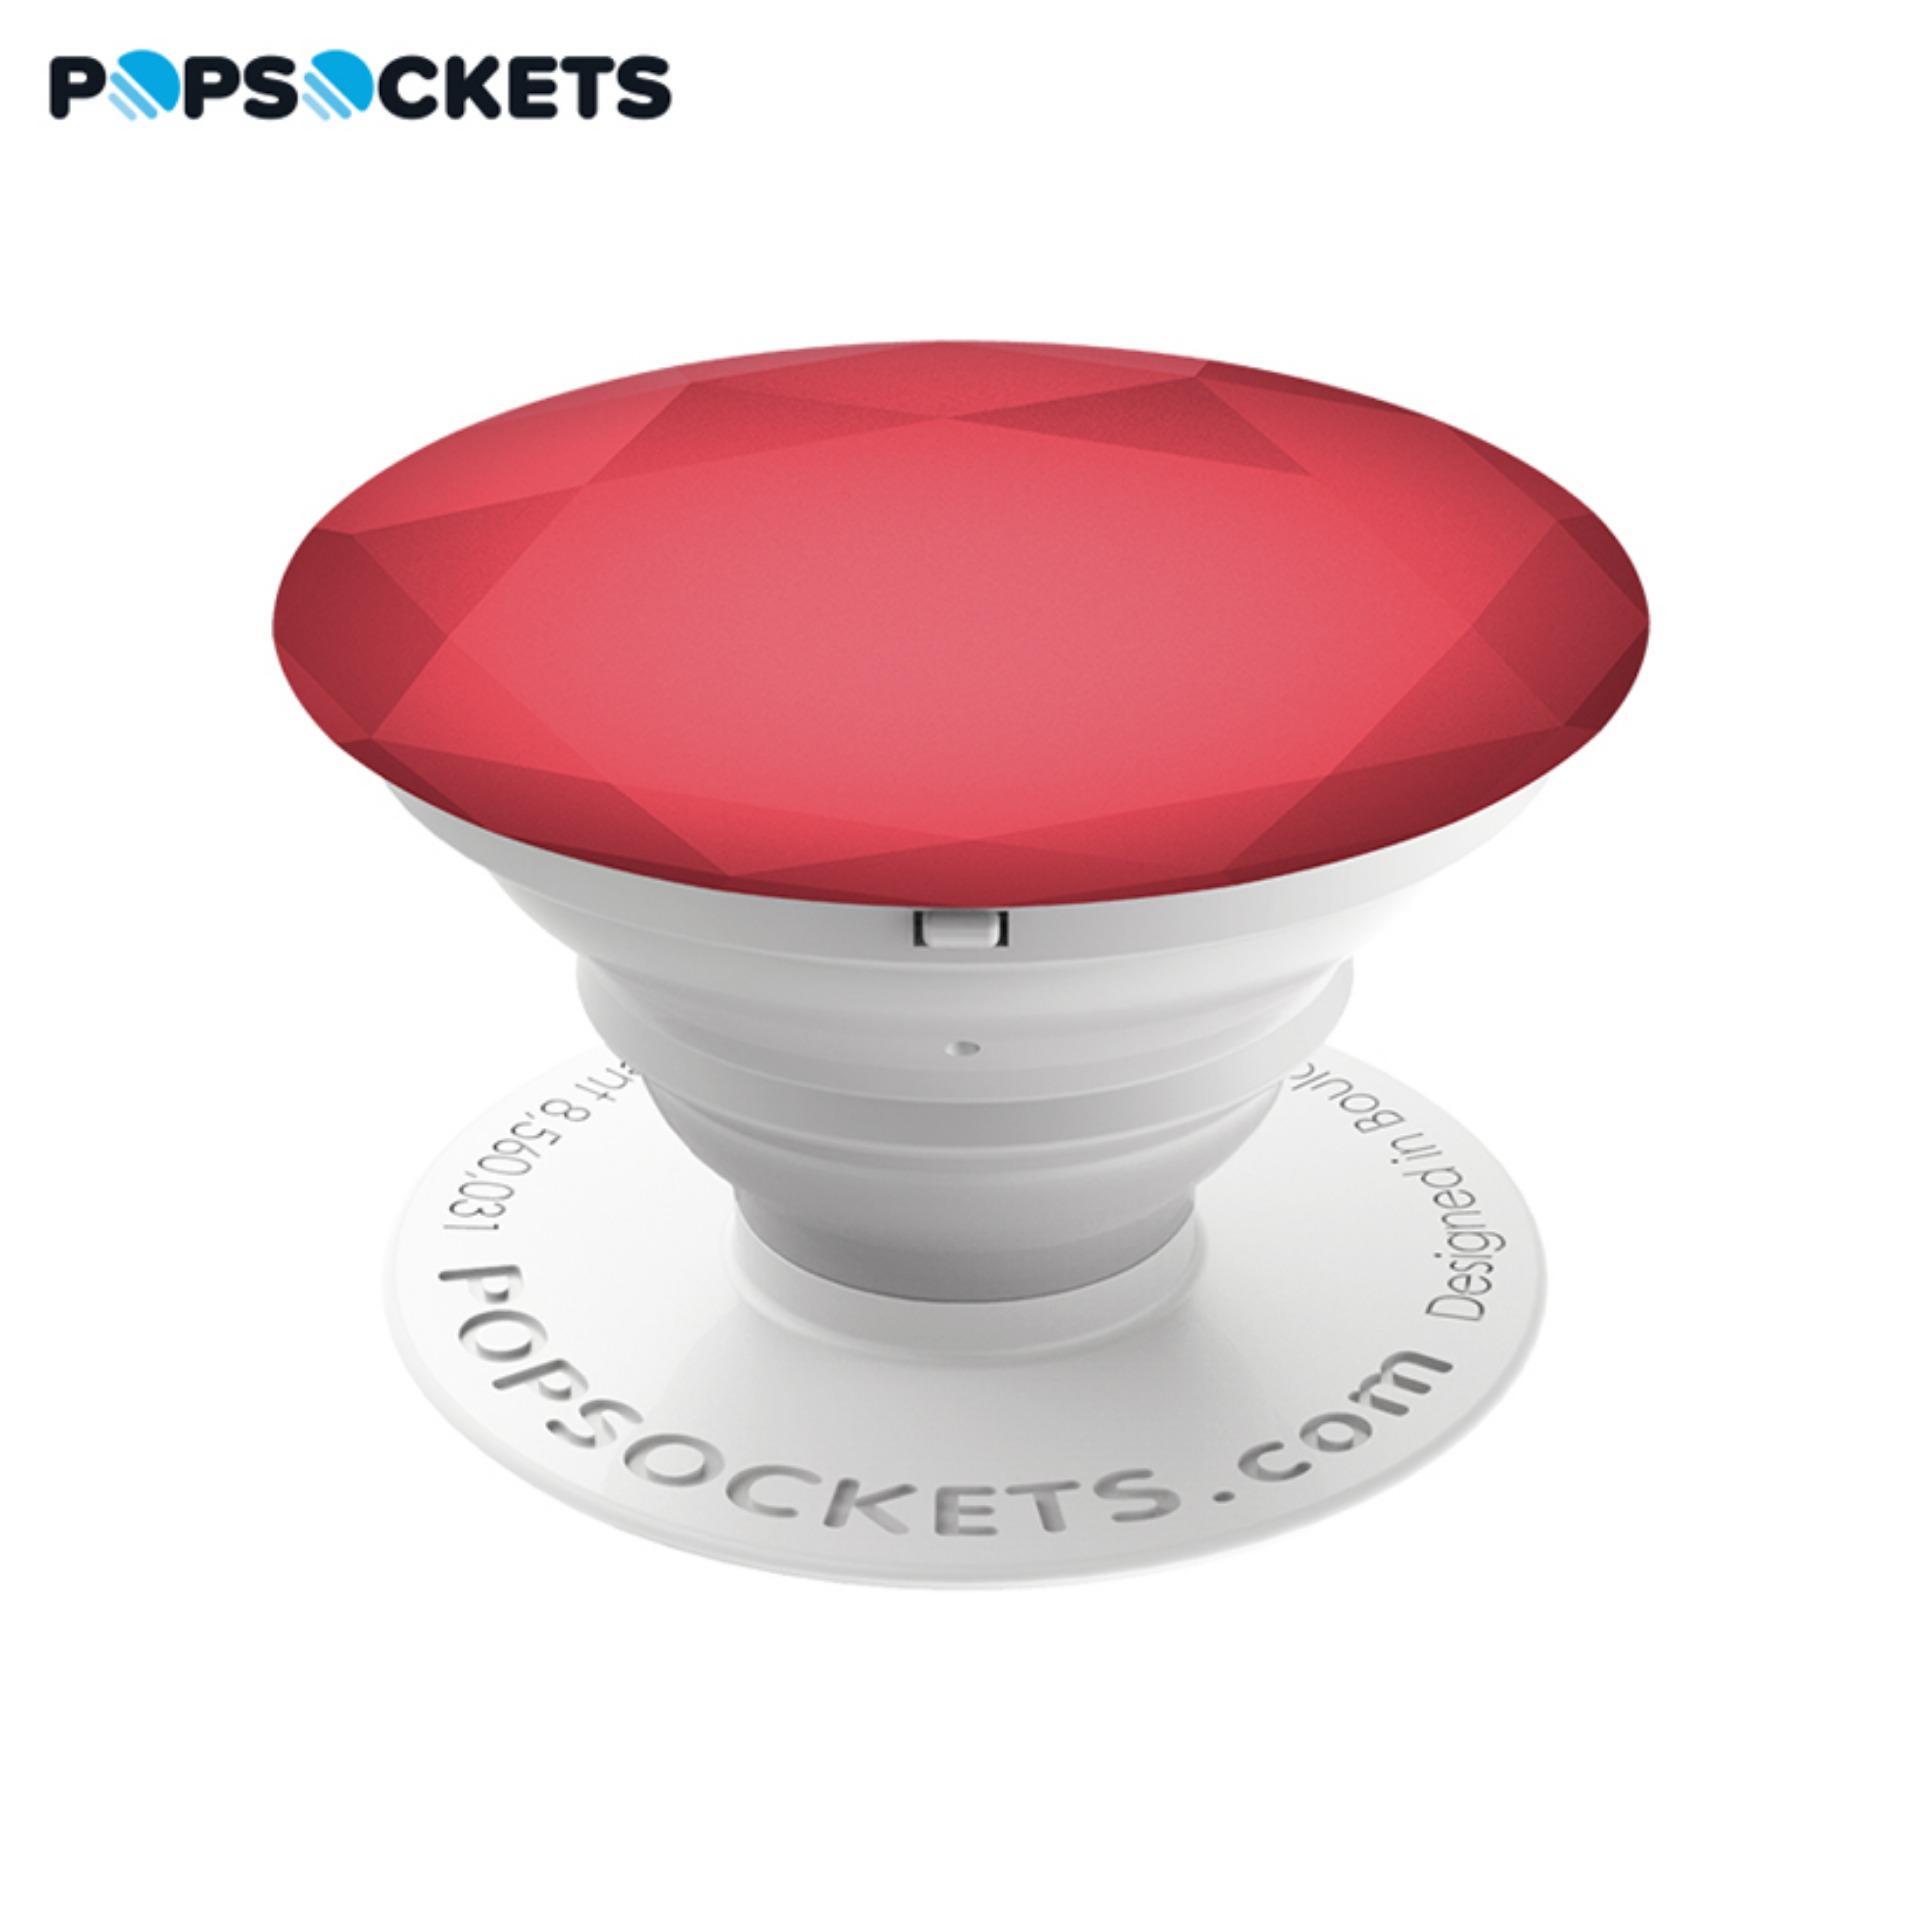 Giá Đỡ Điện Thoại Thời Trang PopSockets RED GY GY